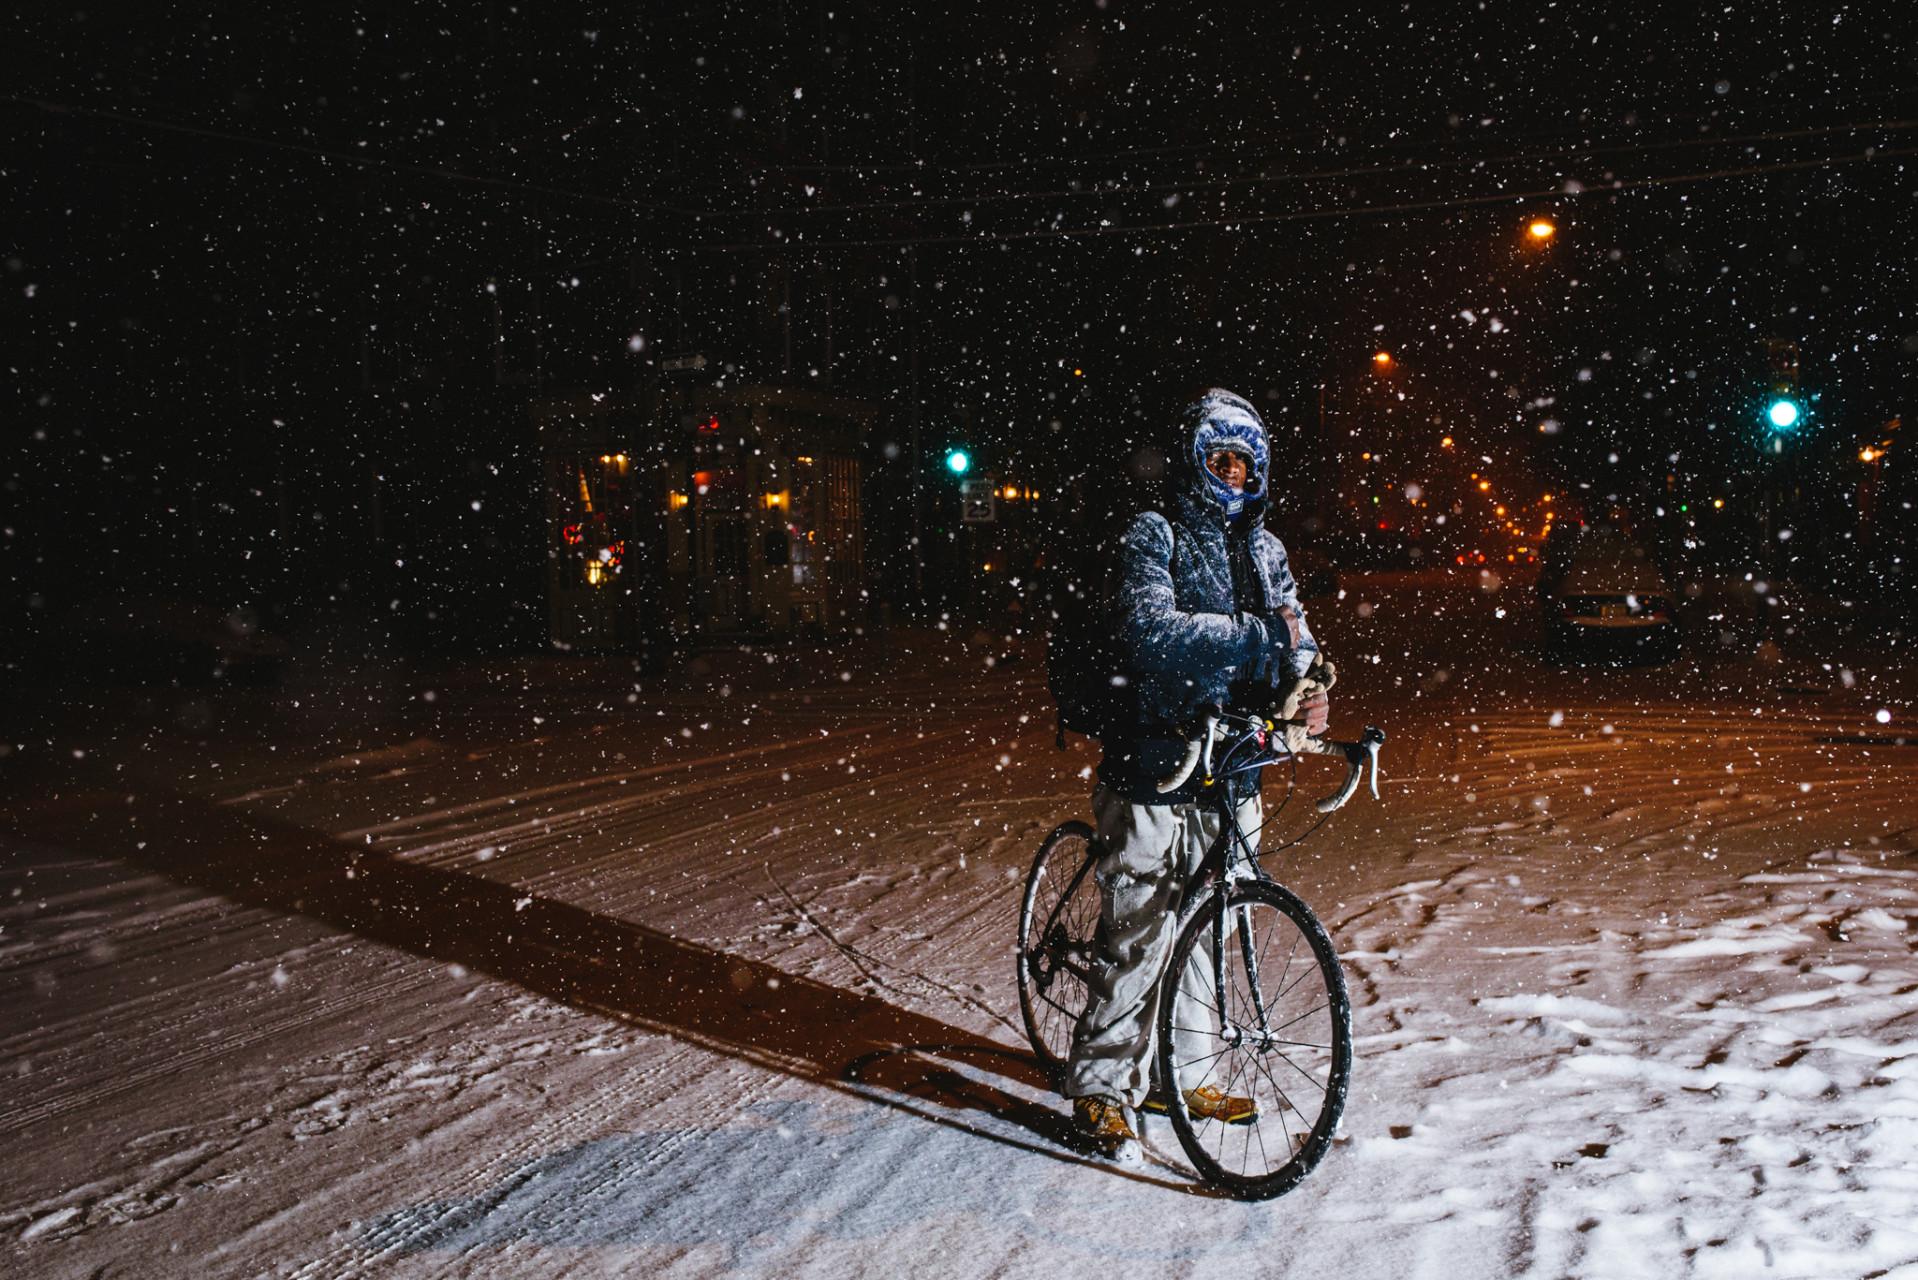 Snowstorm_GARFINKEL-4